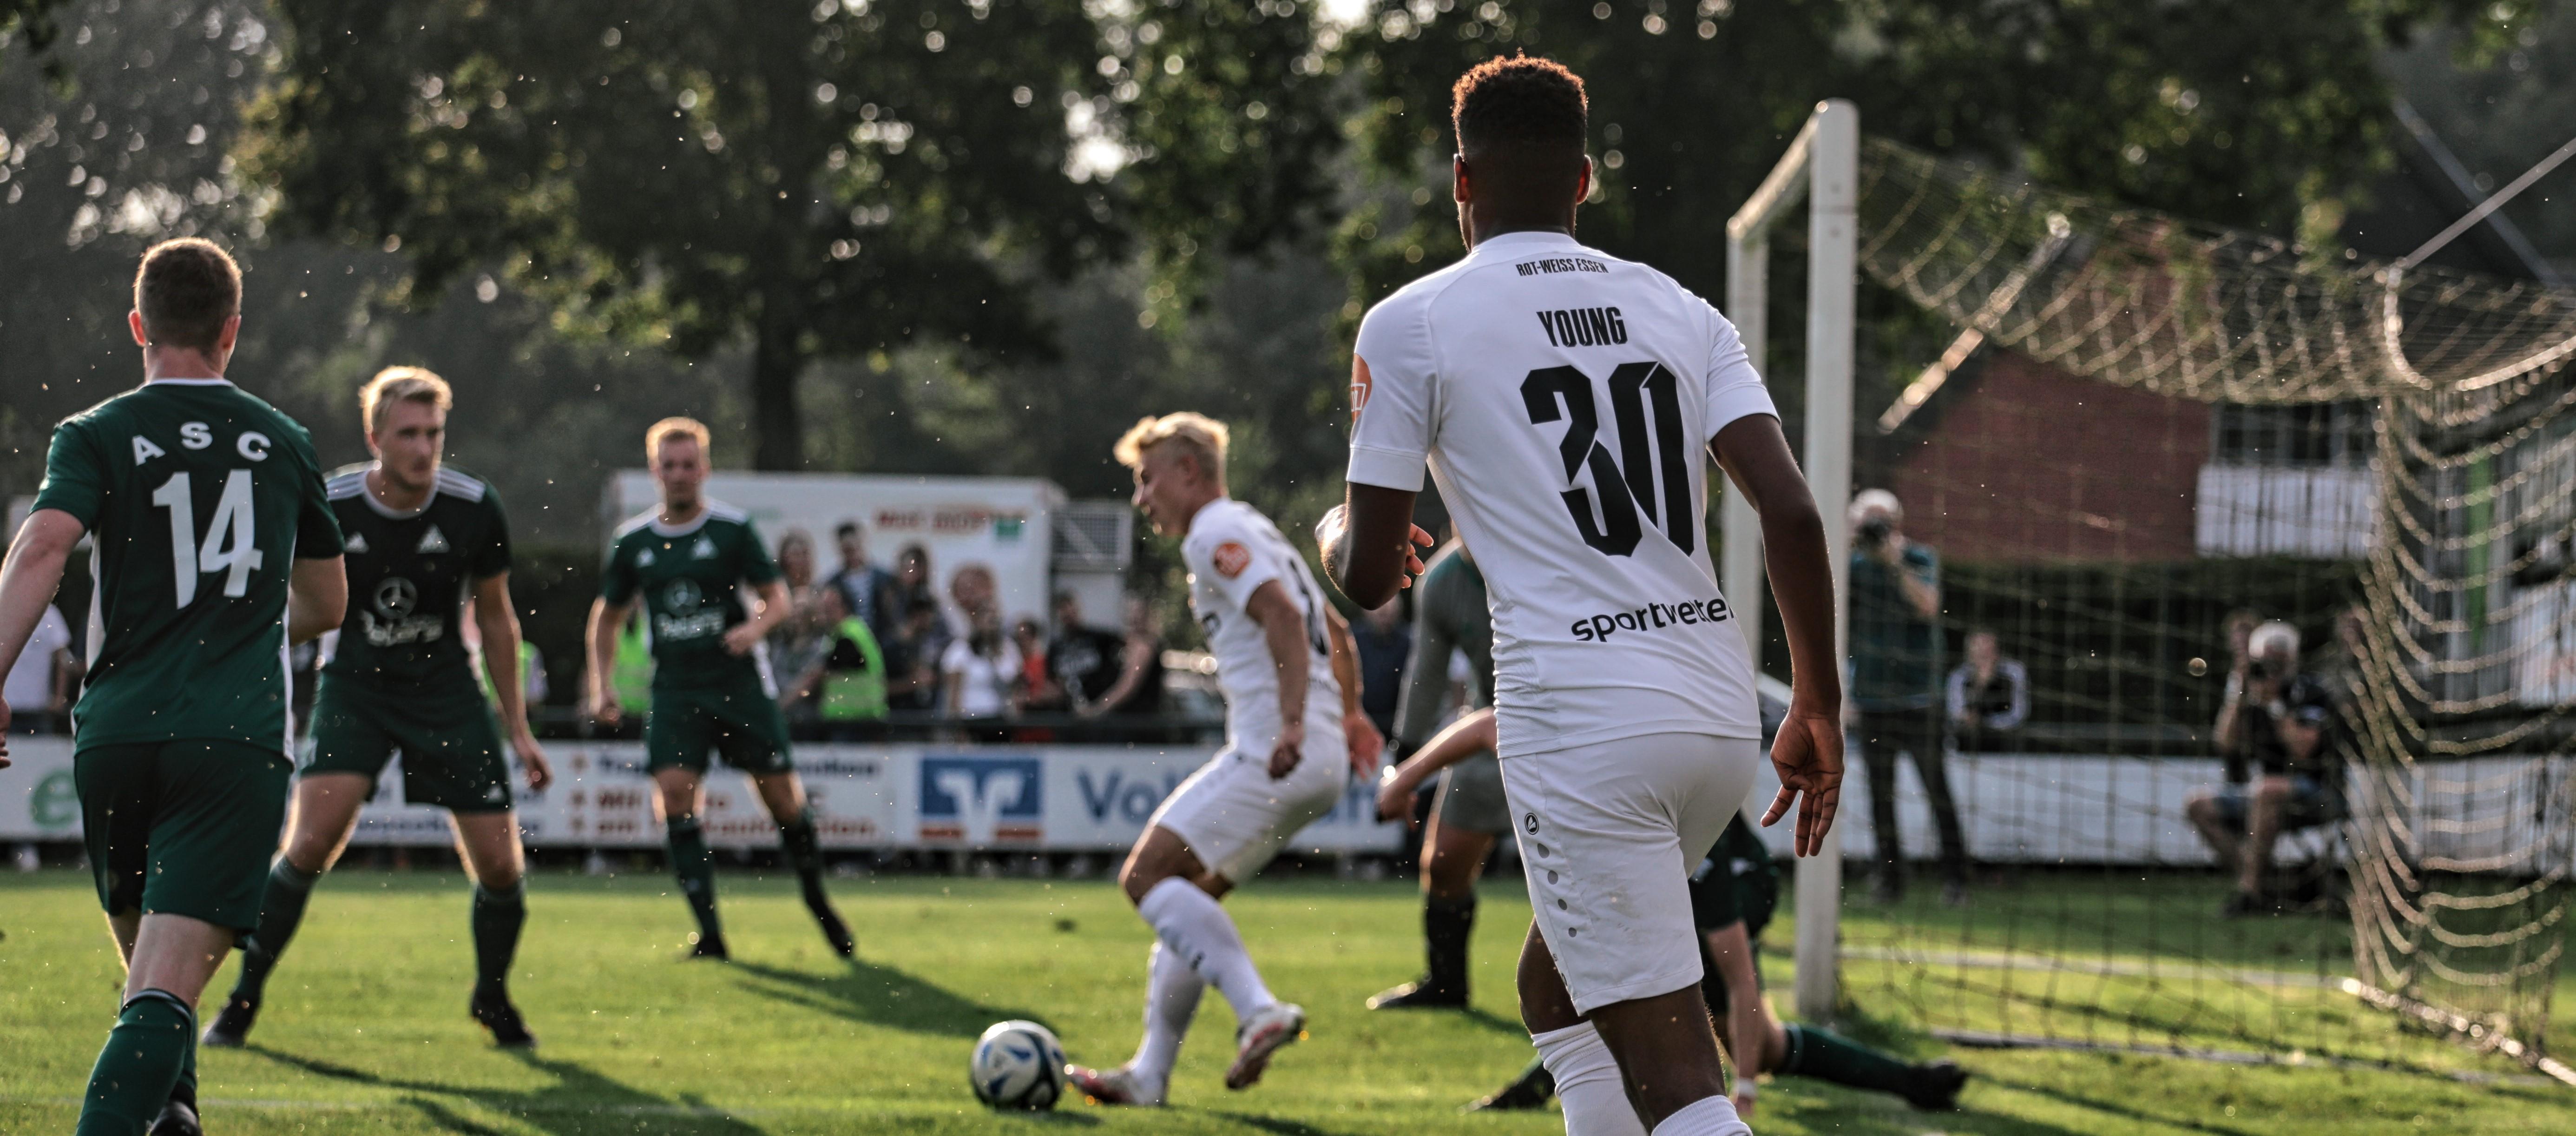 Die letzten Vorbereitungswochen: Noch zweimal wird getestet, bevor die Saison 2021/2022 anfängt. (Foto: Strootmann / ISDT)